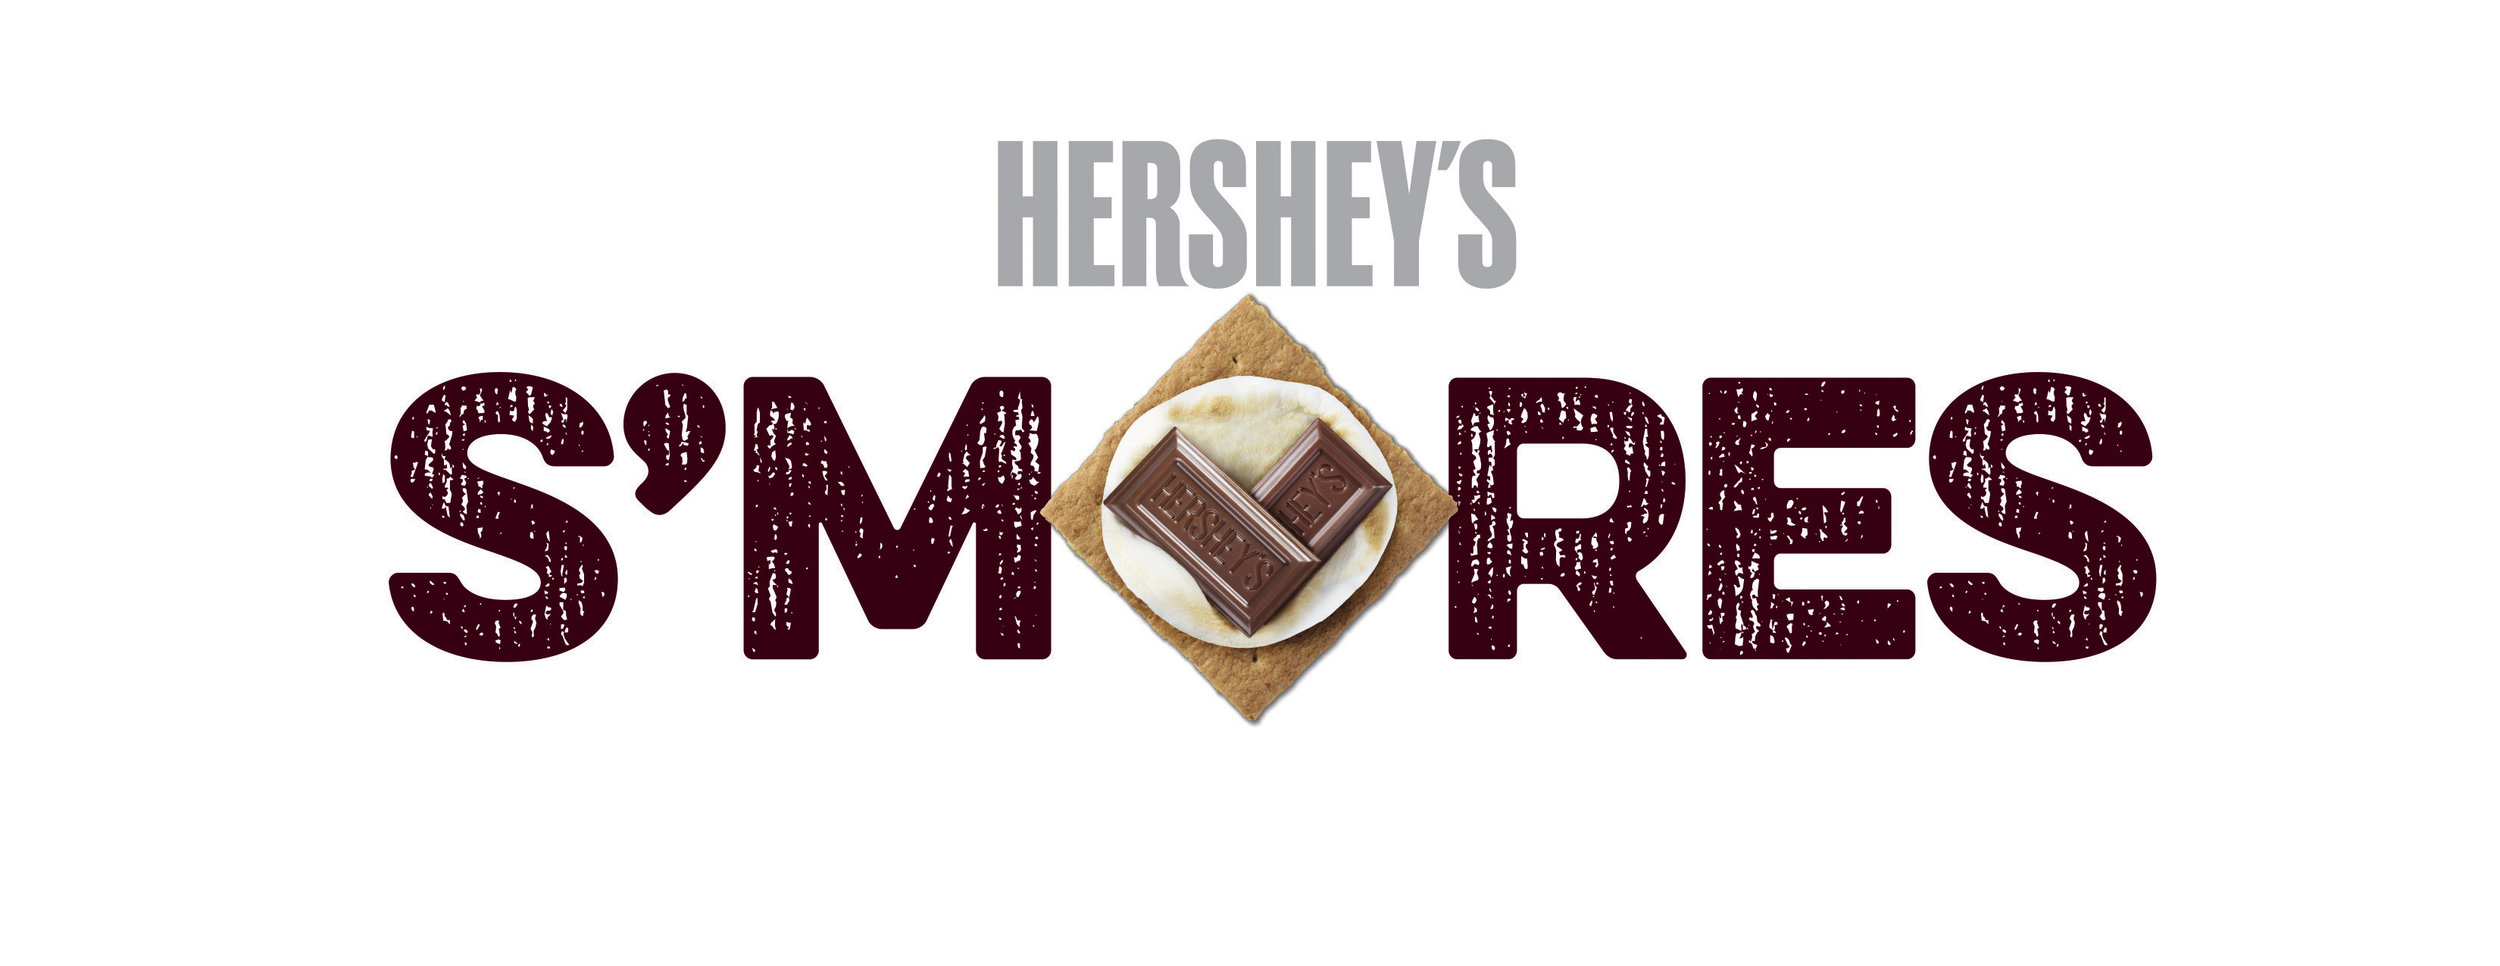 HERSHEYS_Smores_Logo1_SilverMunsell_2016.jpg